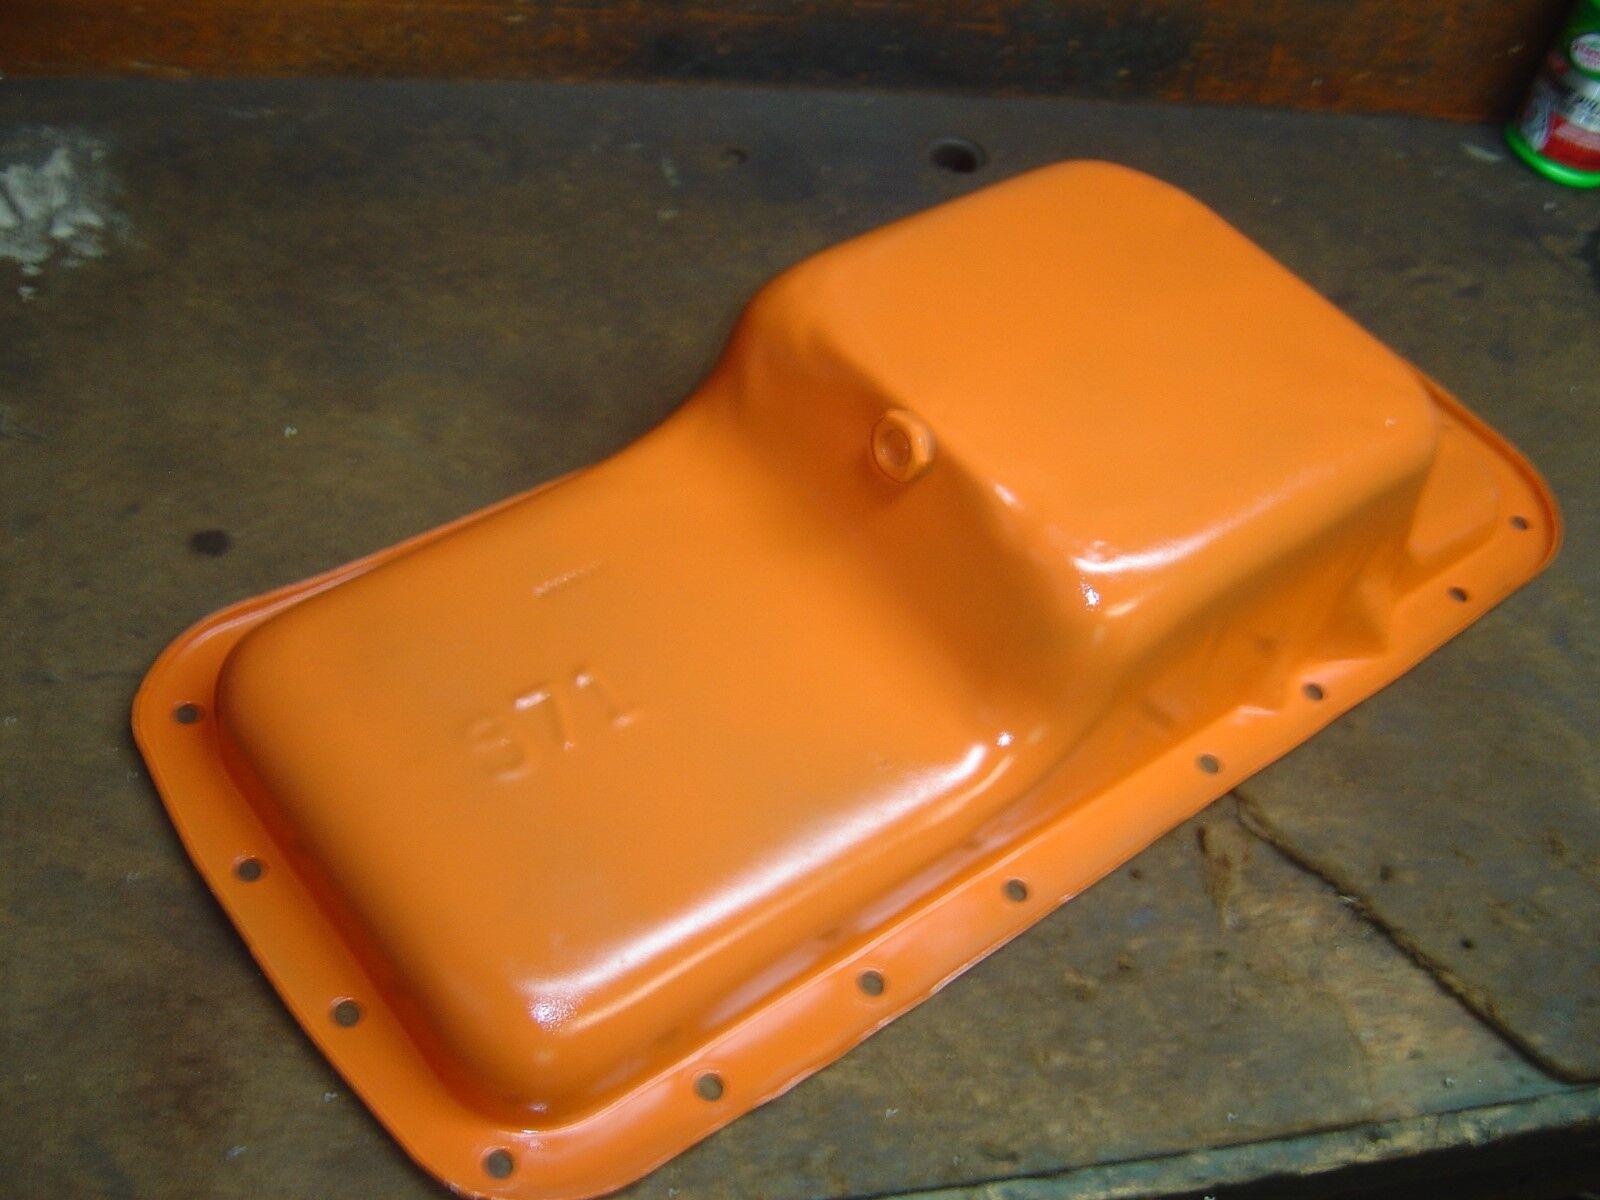 66  71 charger roadrunner coronet mopar 440 383 oil pan for sale